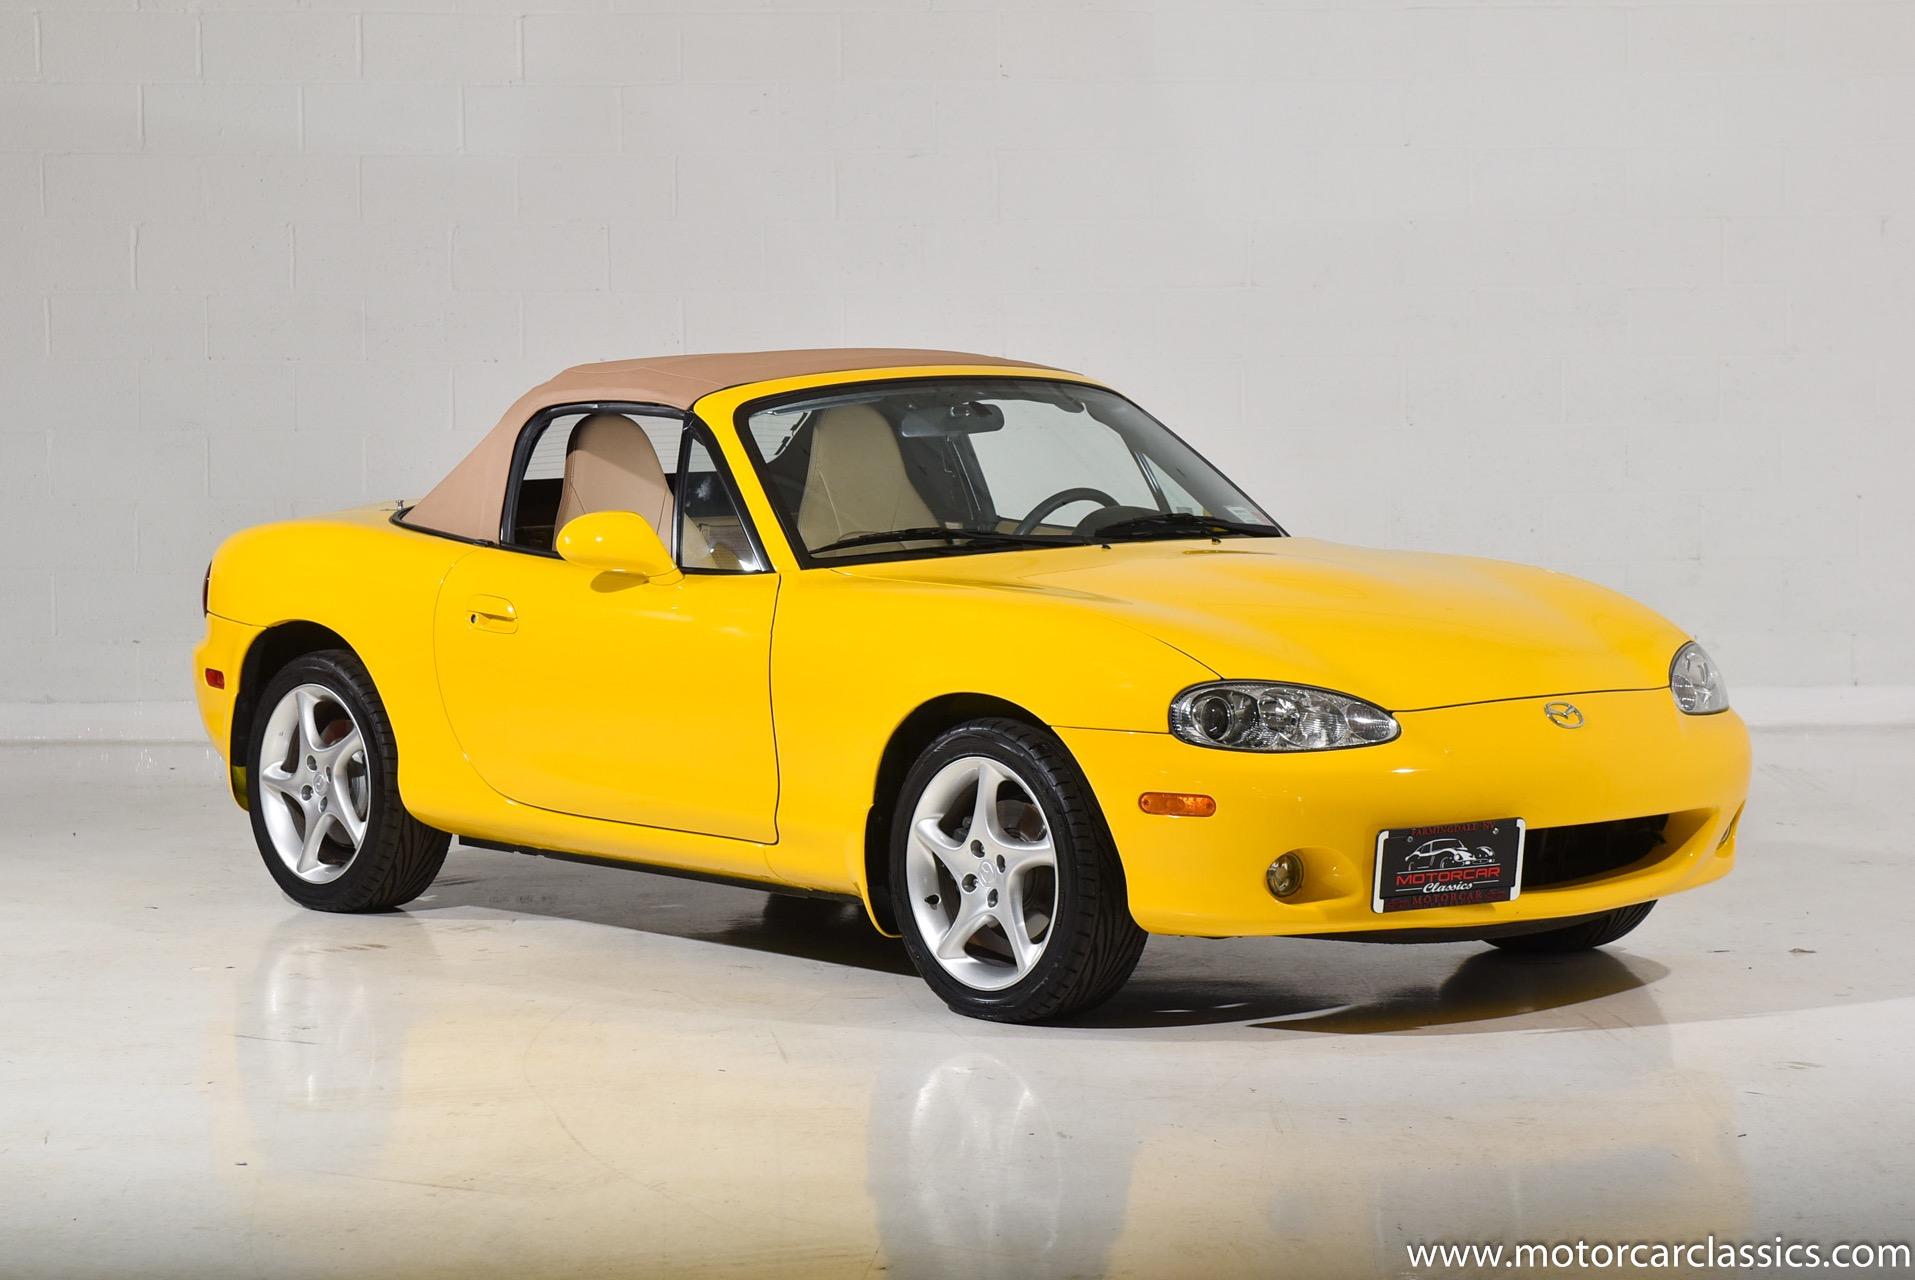 2002 Mazda MX-5 Miata